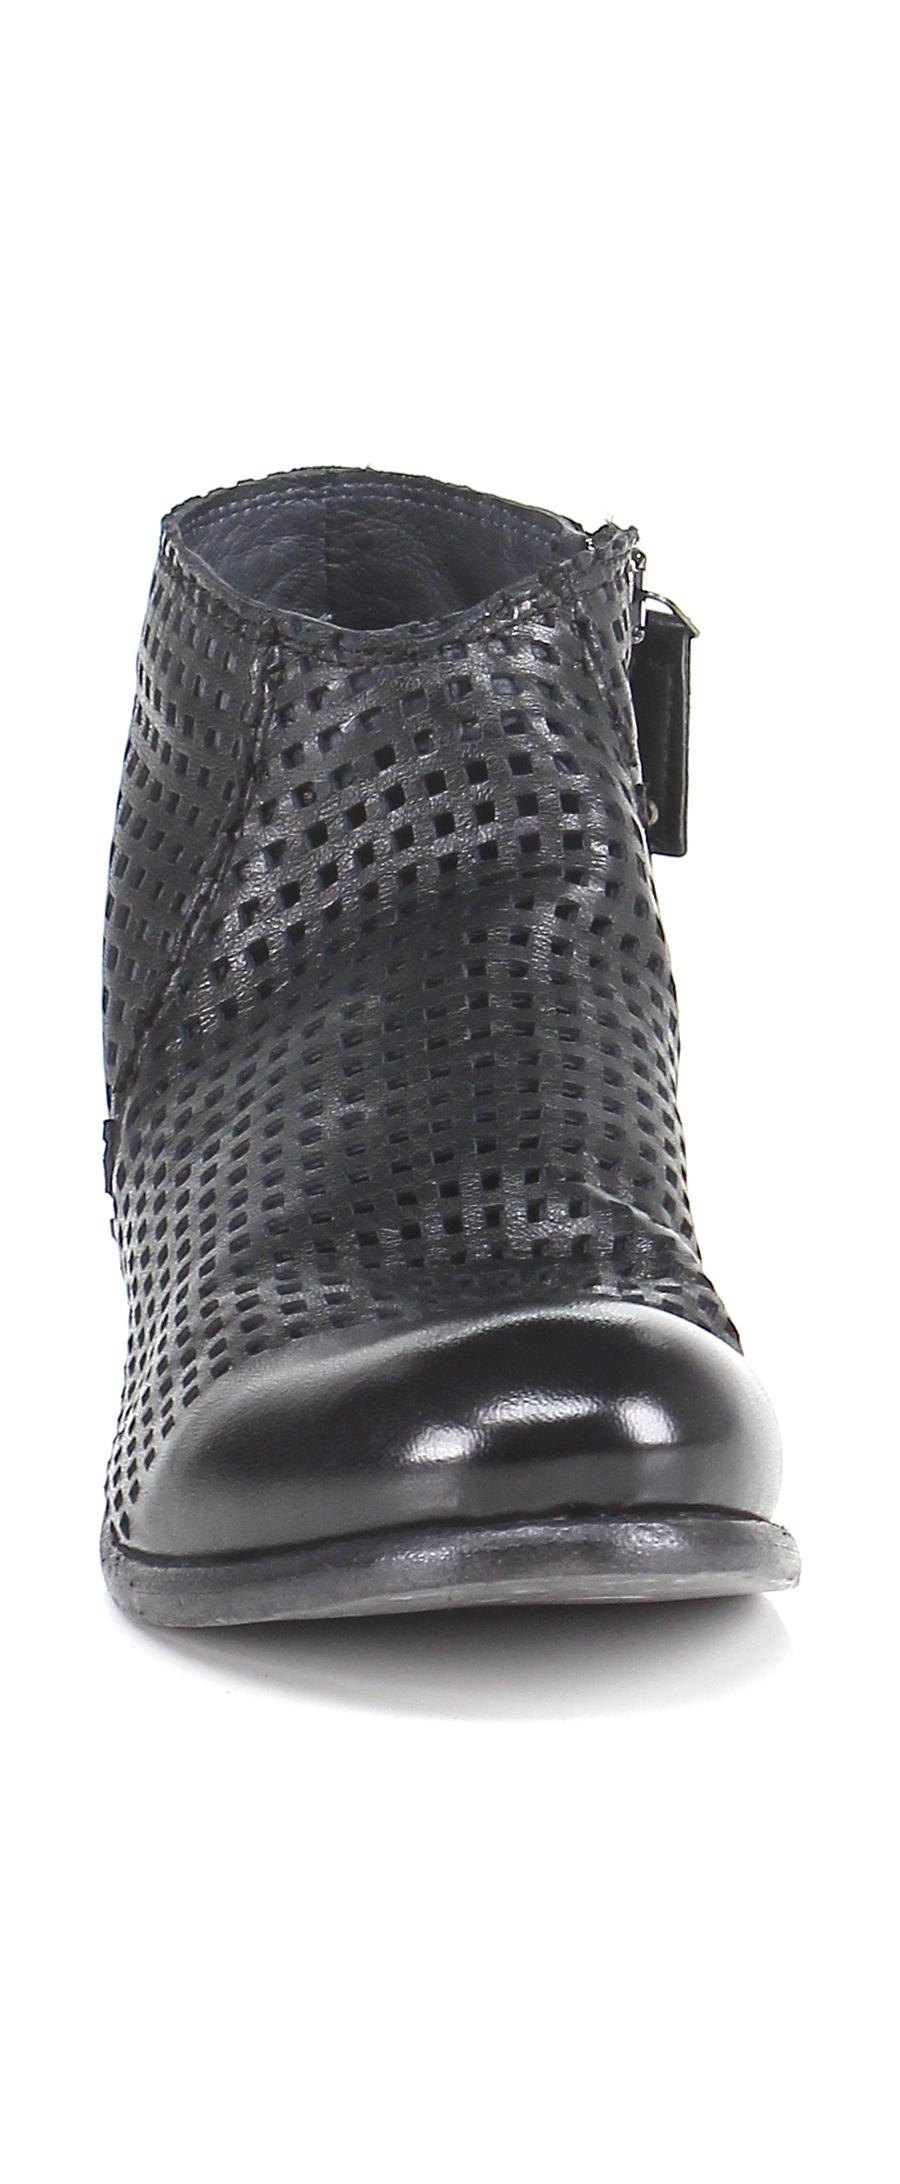 Tronchetto Nero Hundred 100 Verschleißfeste billige Schuhe